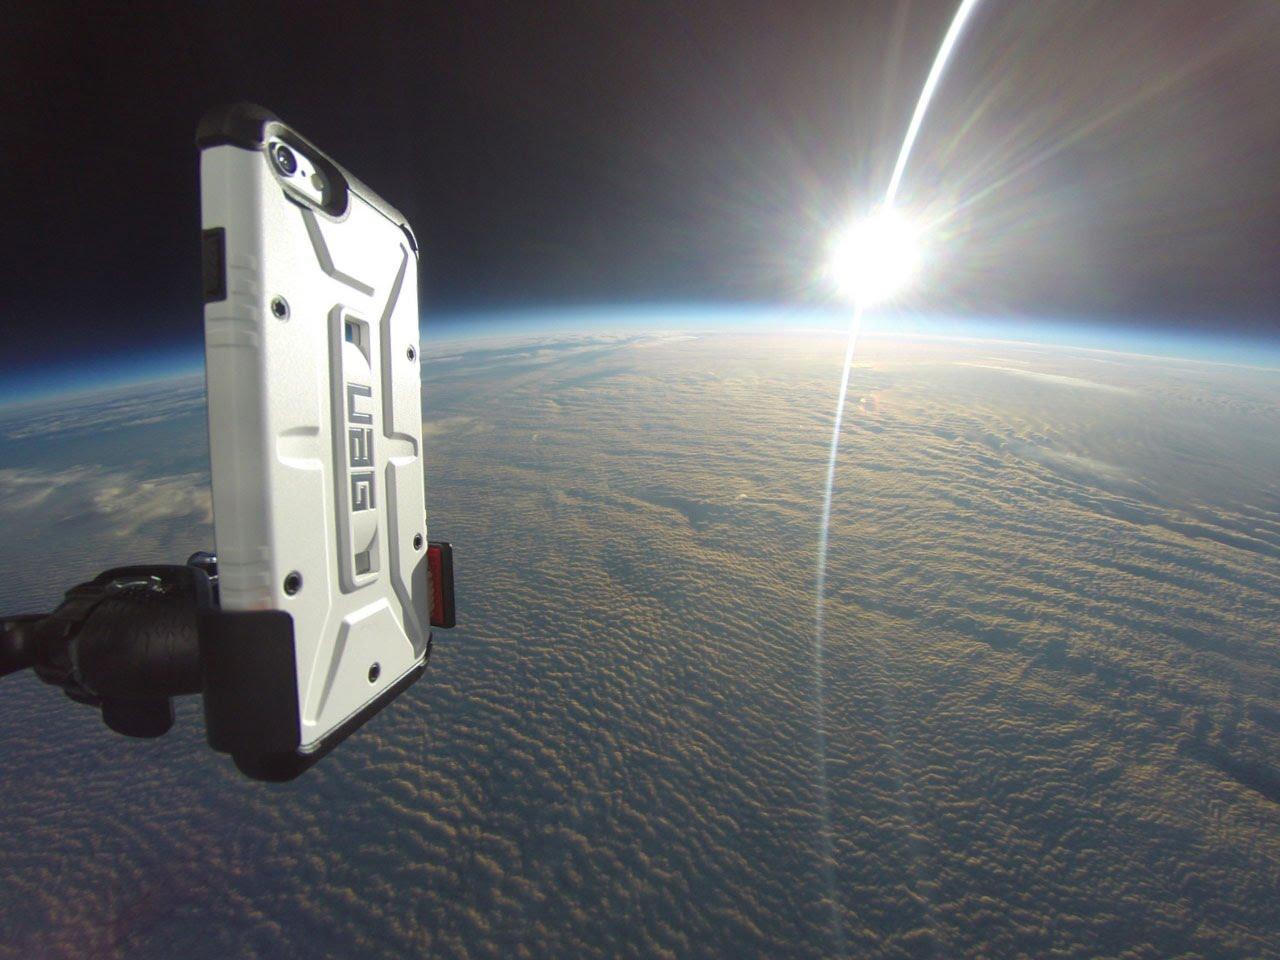 لحظة إلقاء «آيفون 6» من الفضاء